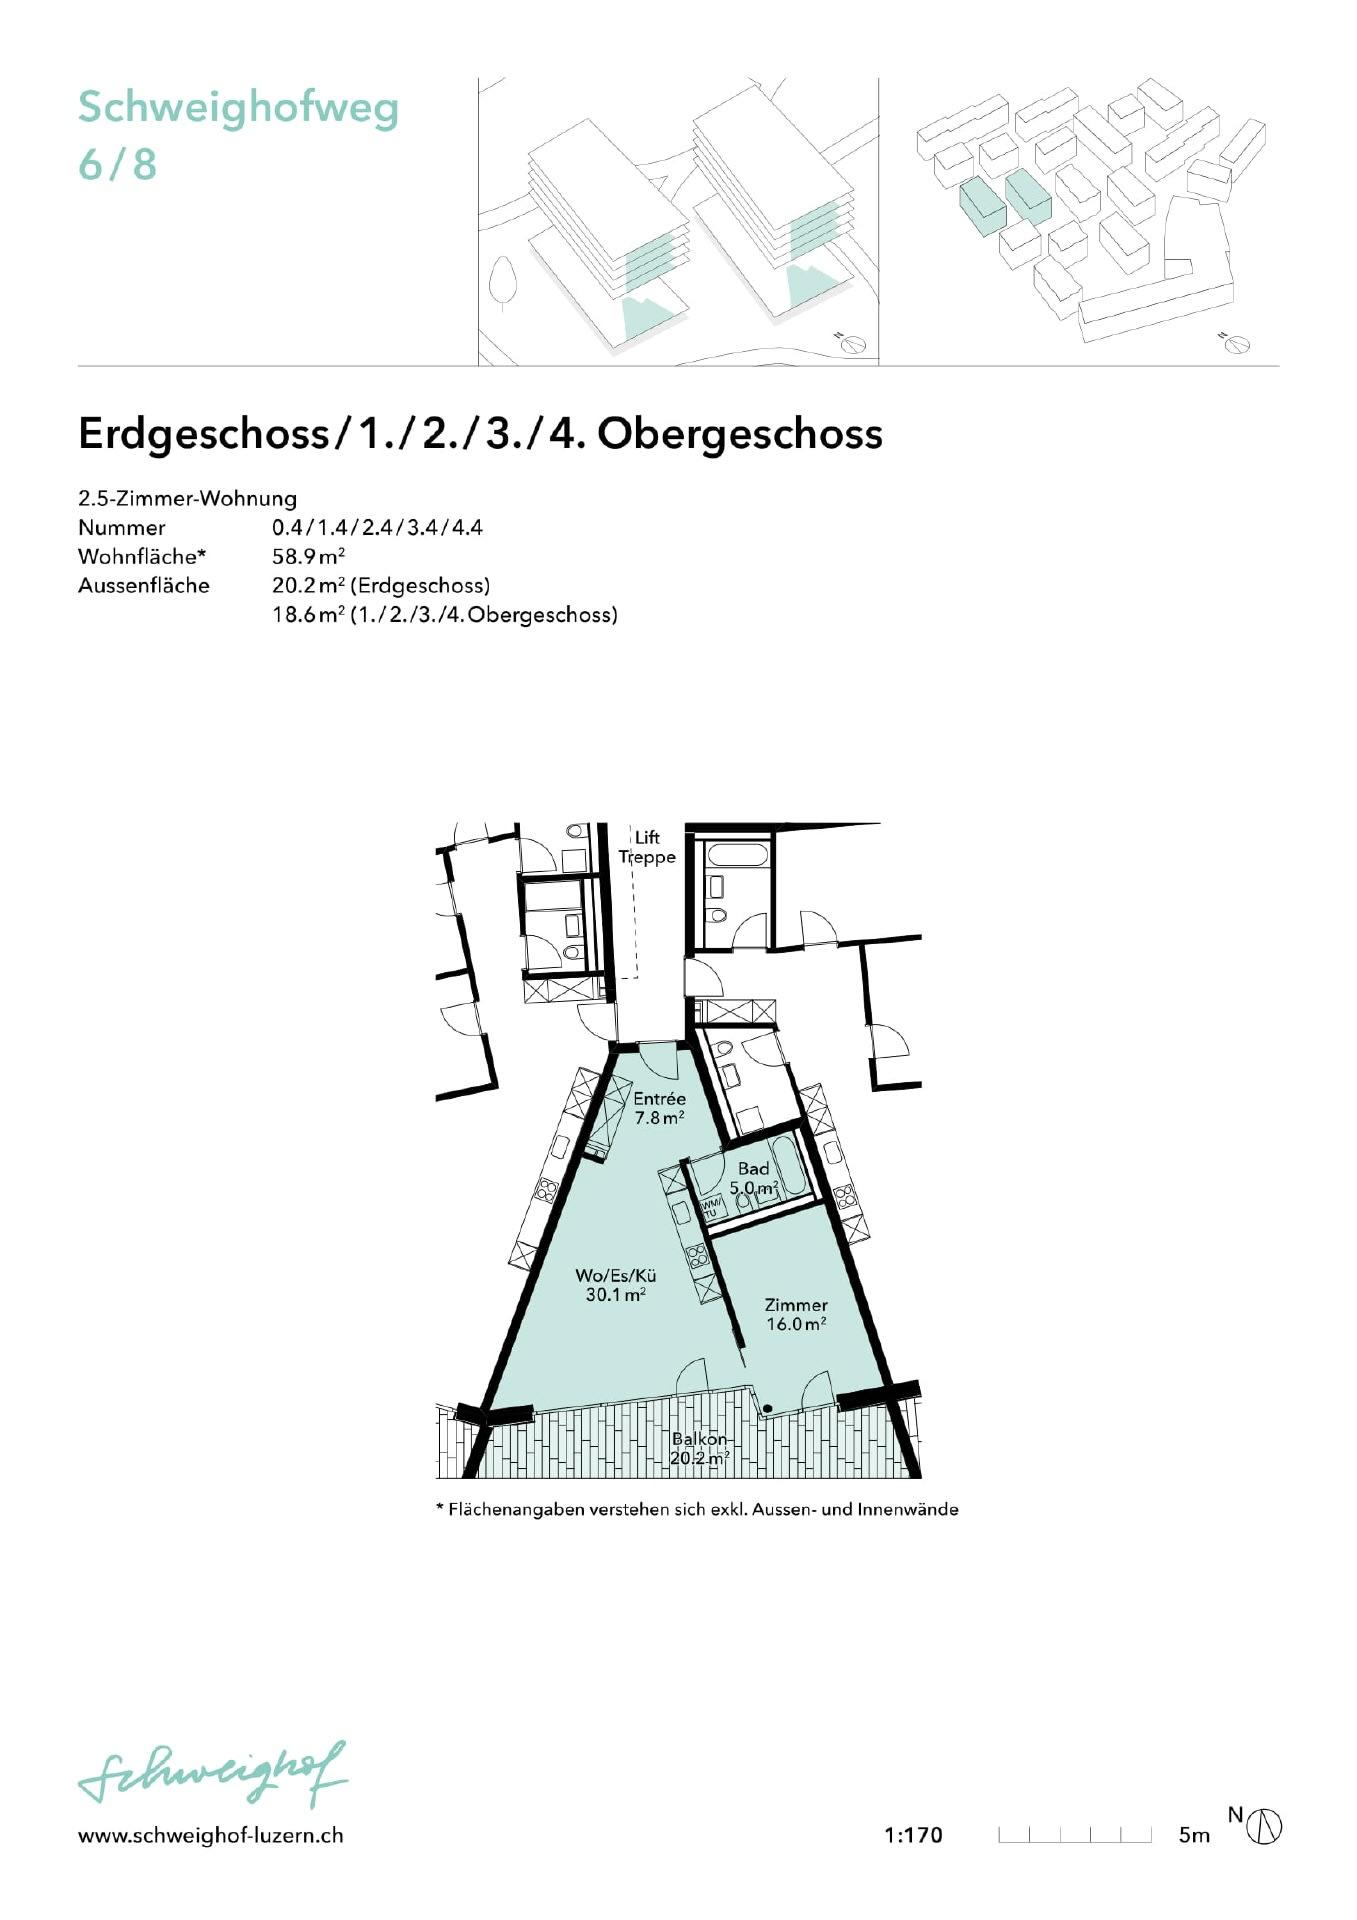 Schweighofweg 6